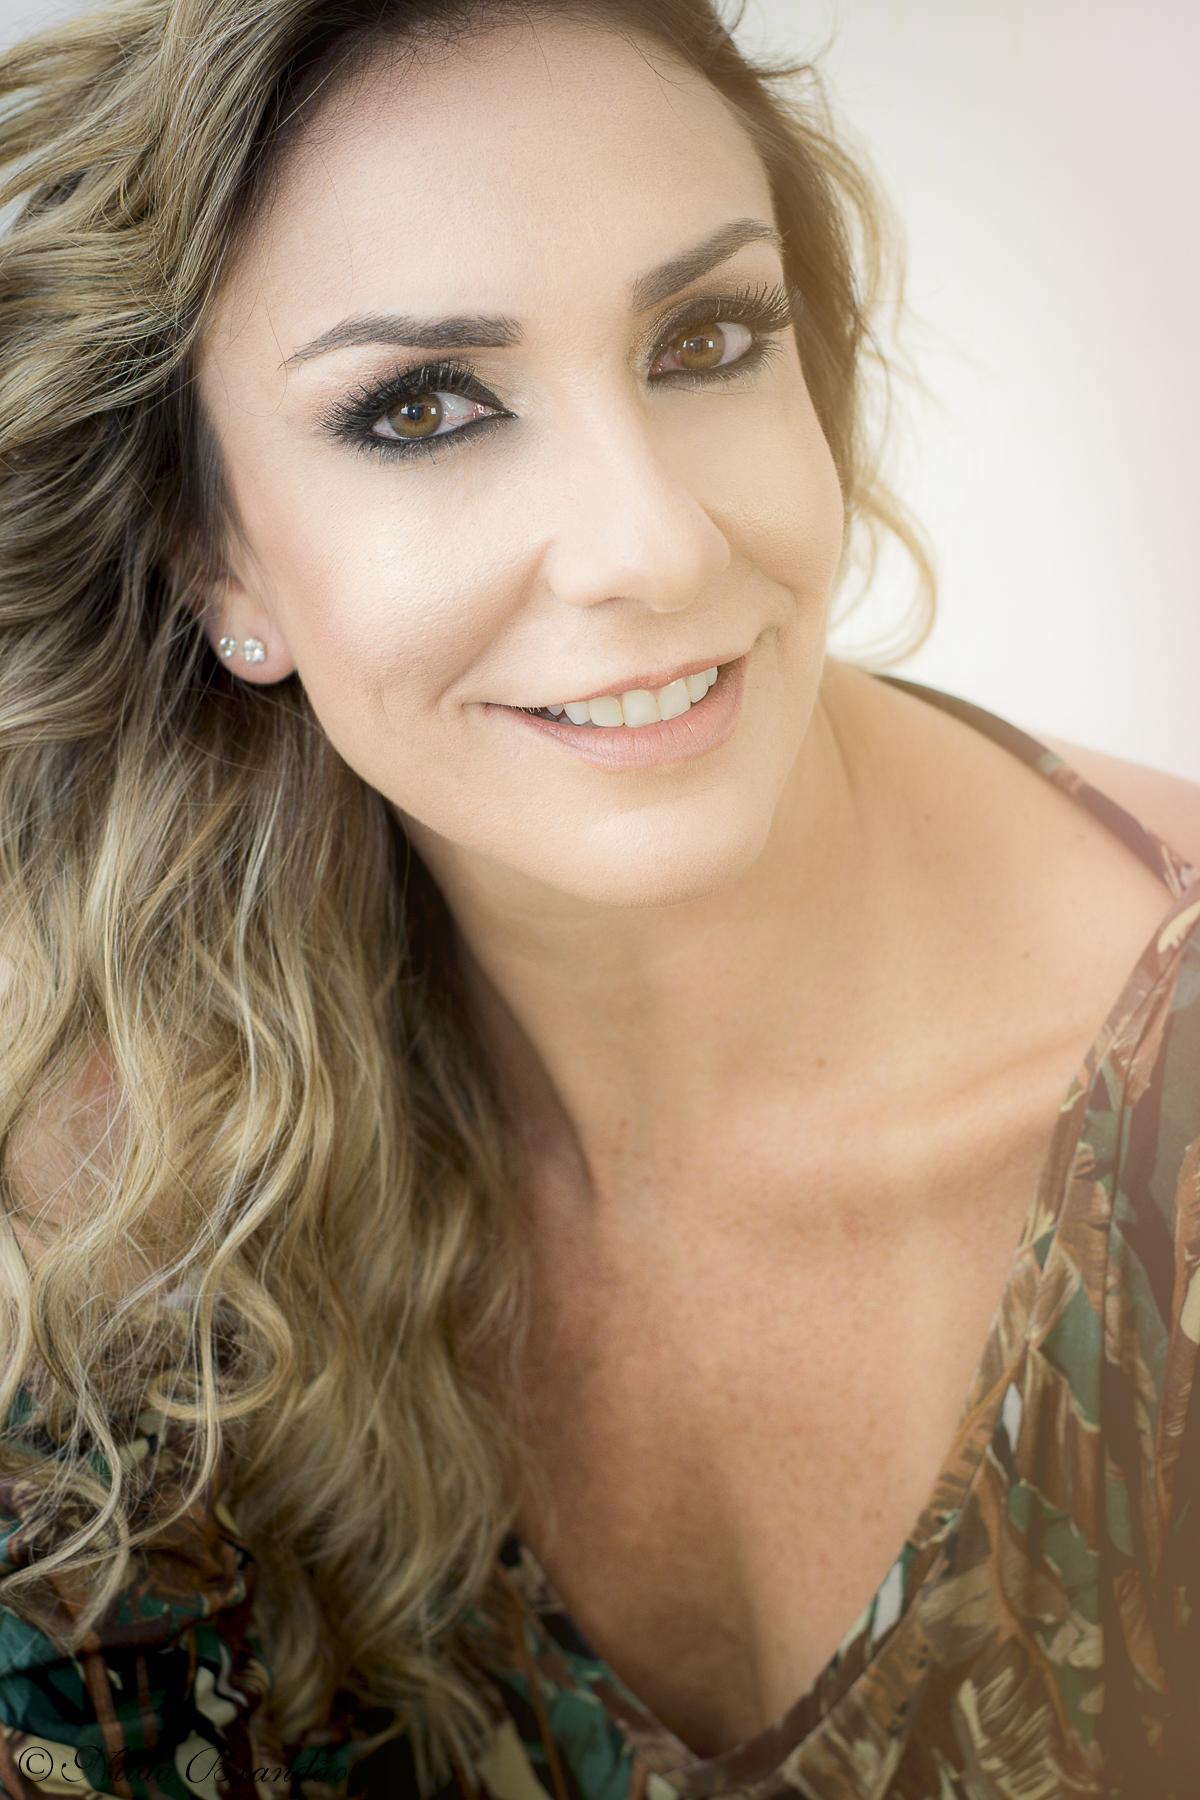 Fotografia de moda - Fotos feitas para o Estilista Vinicius Caspar, em seu ateliê em Moema, modelo Marianna Dib